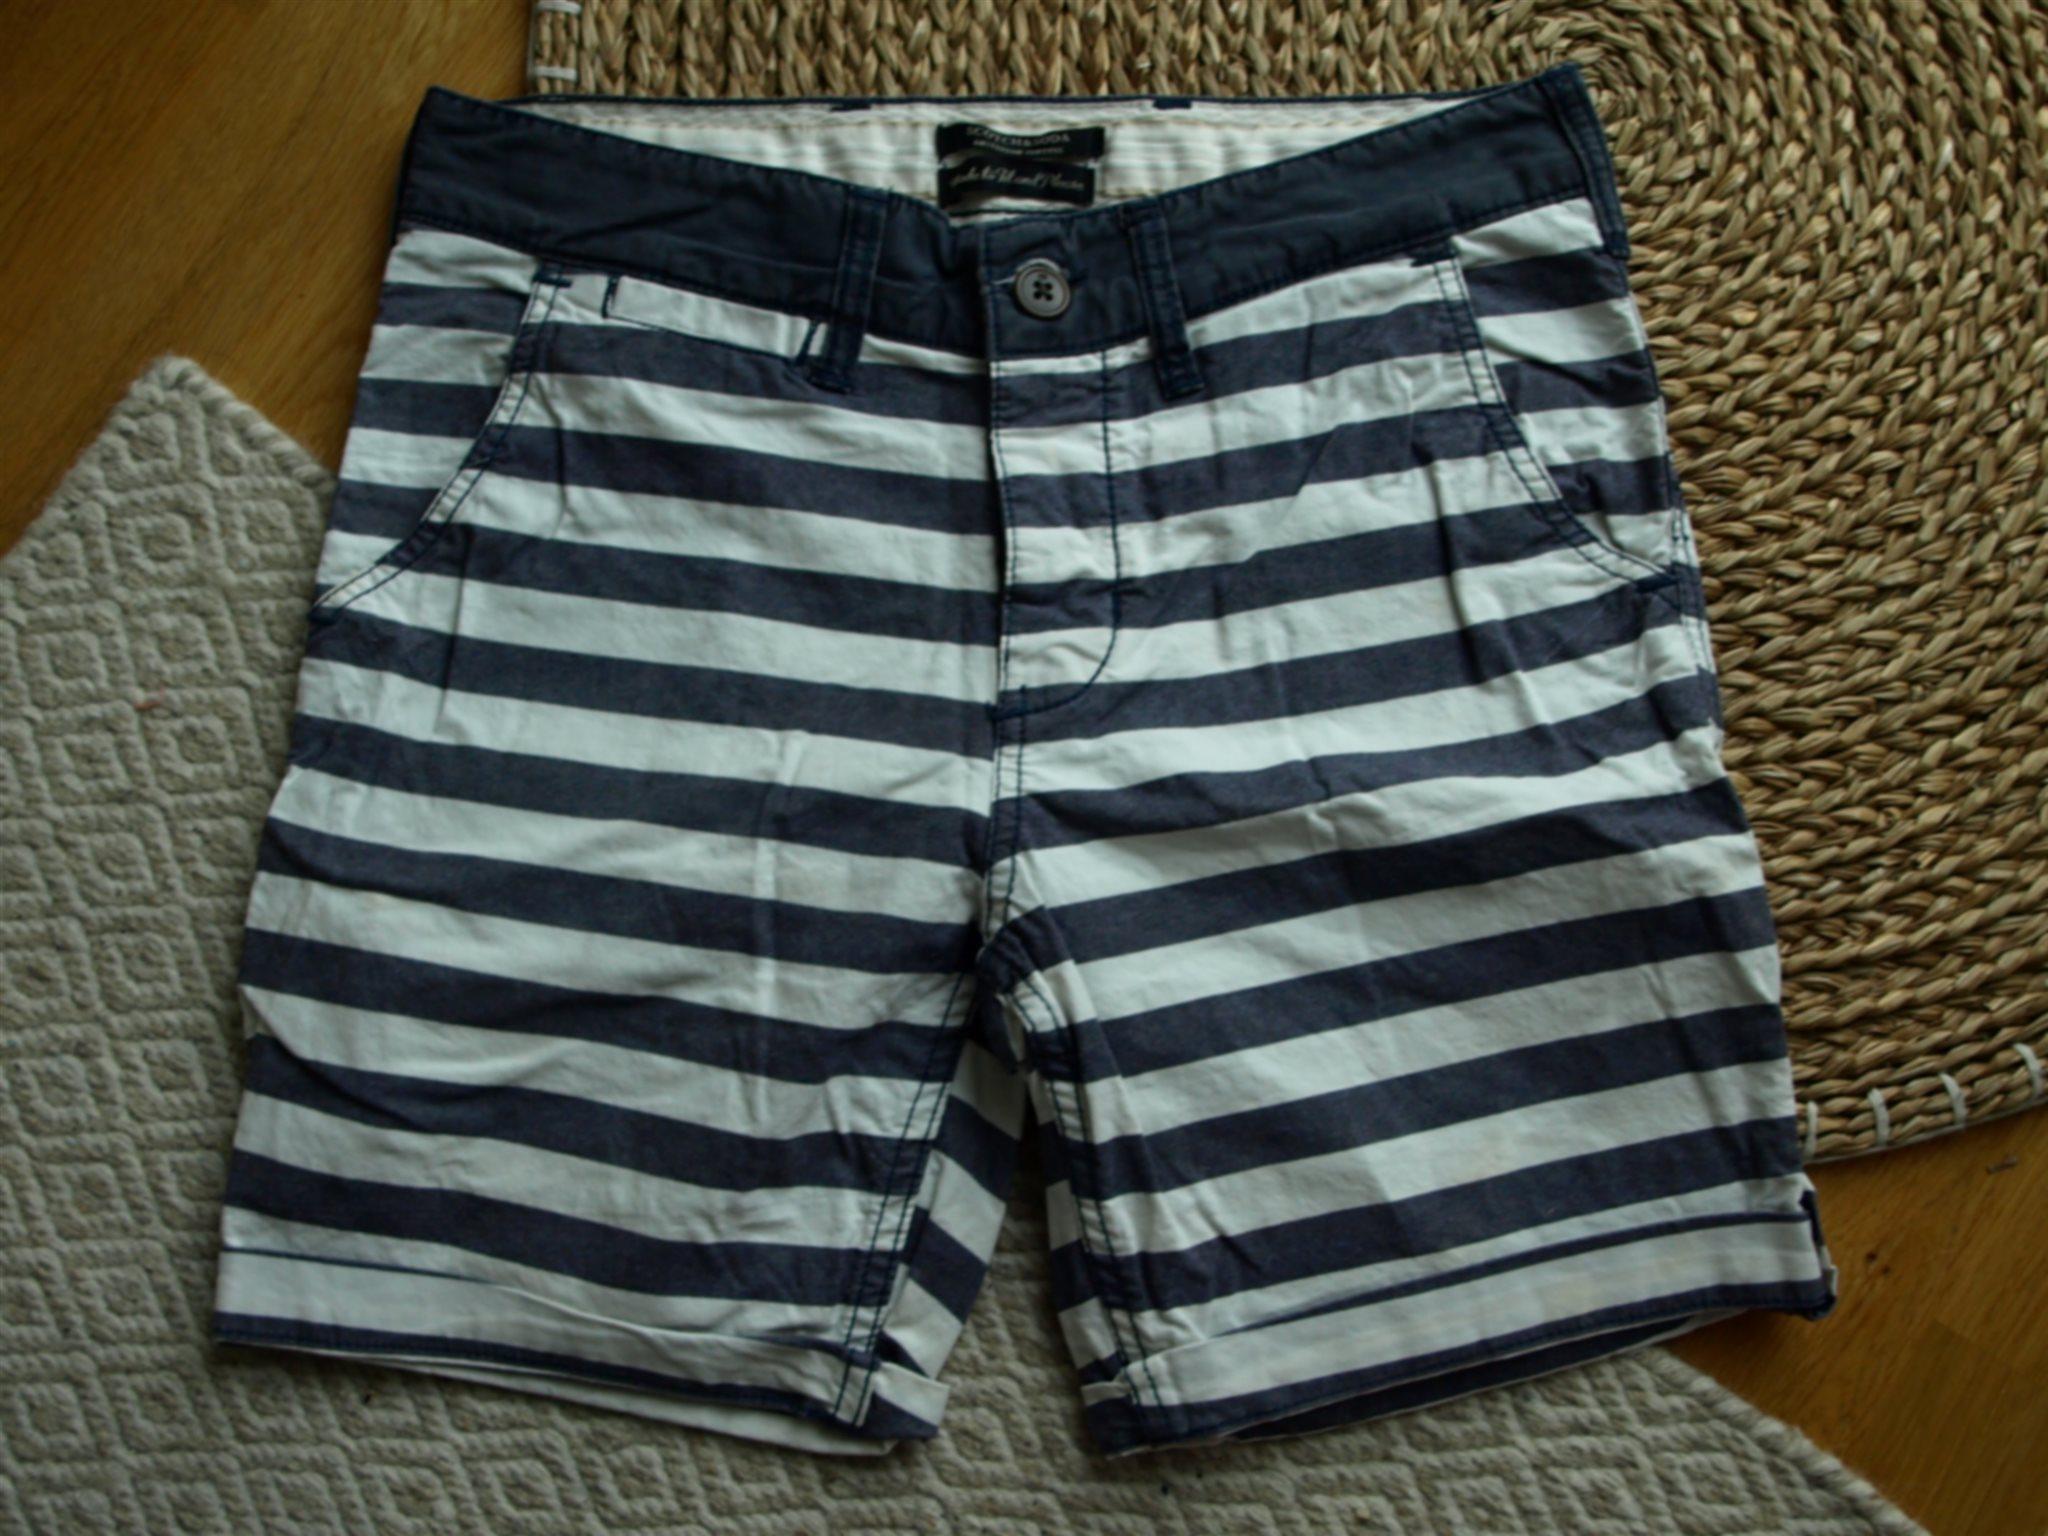 Vit blå randiga shorts med uppvik från Scotch & Soda storlek 29 tum